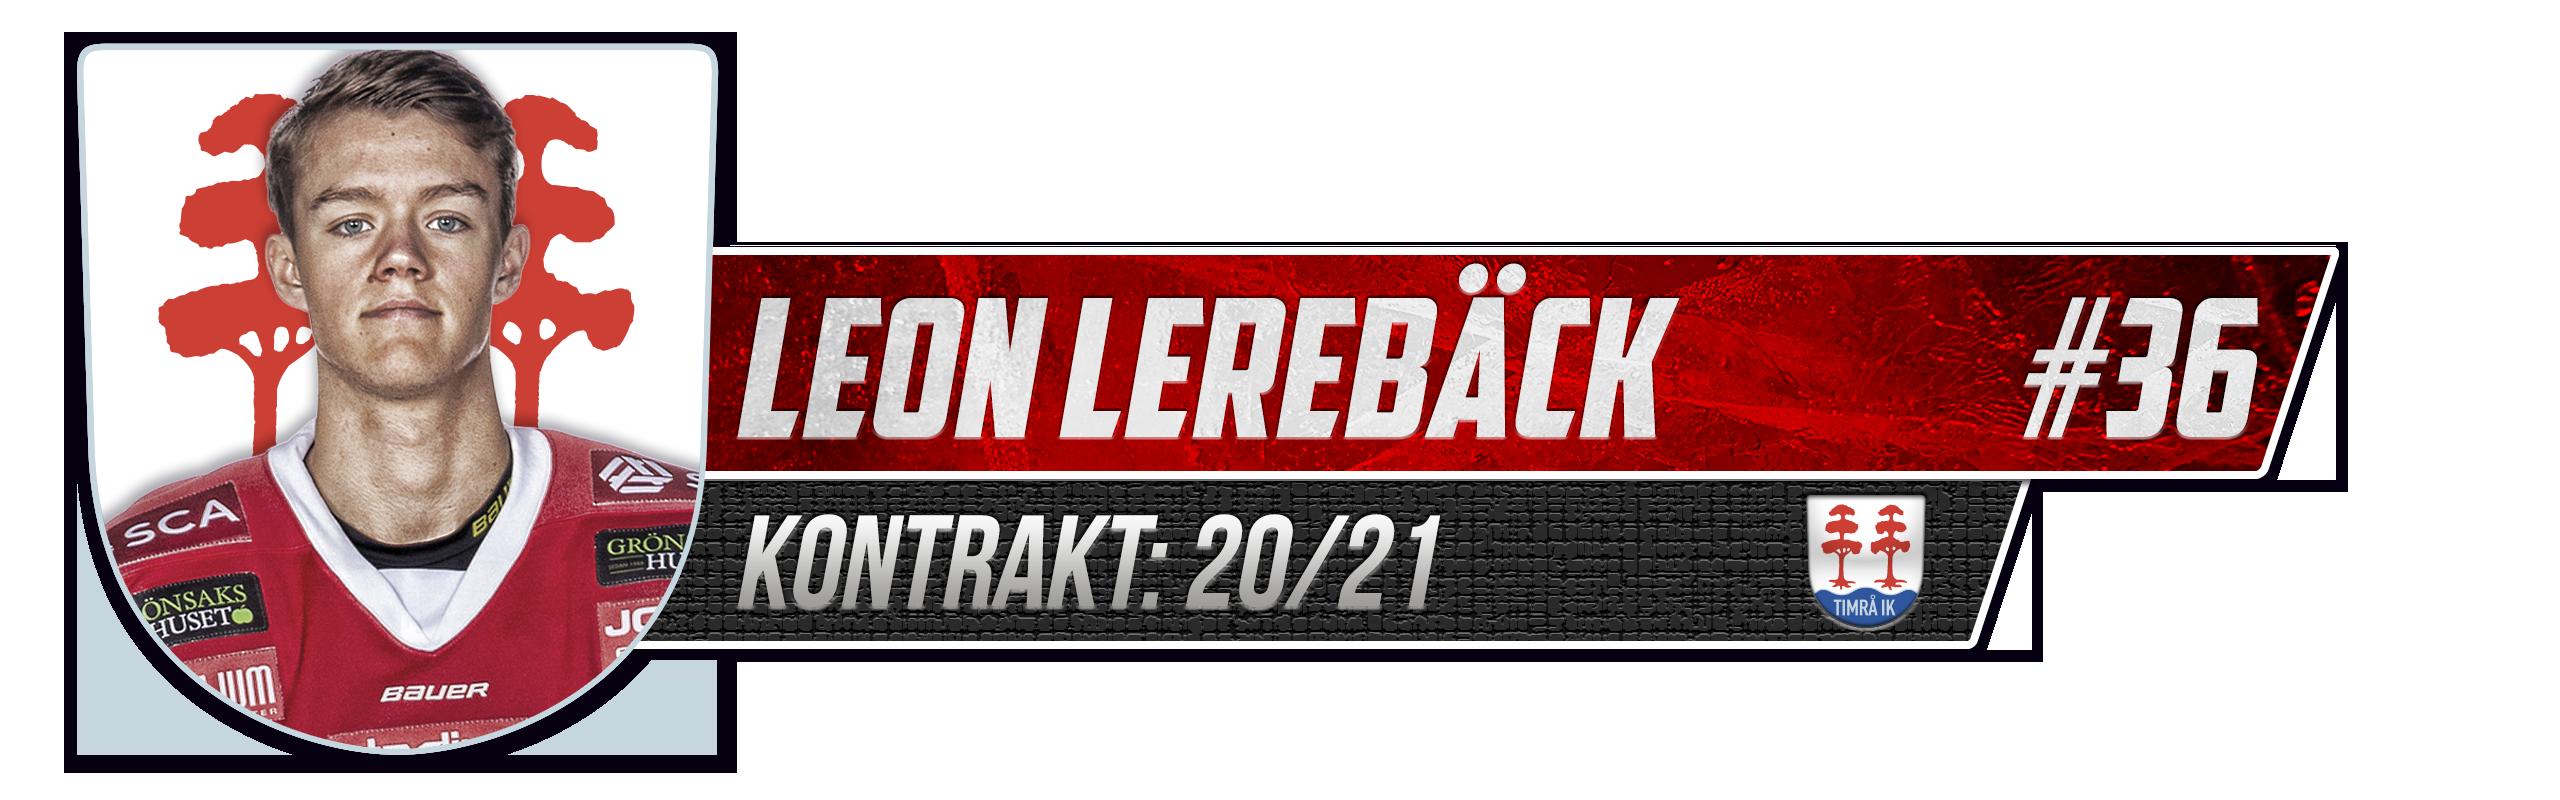 Leon Lerebäck